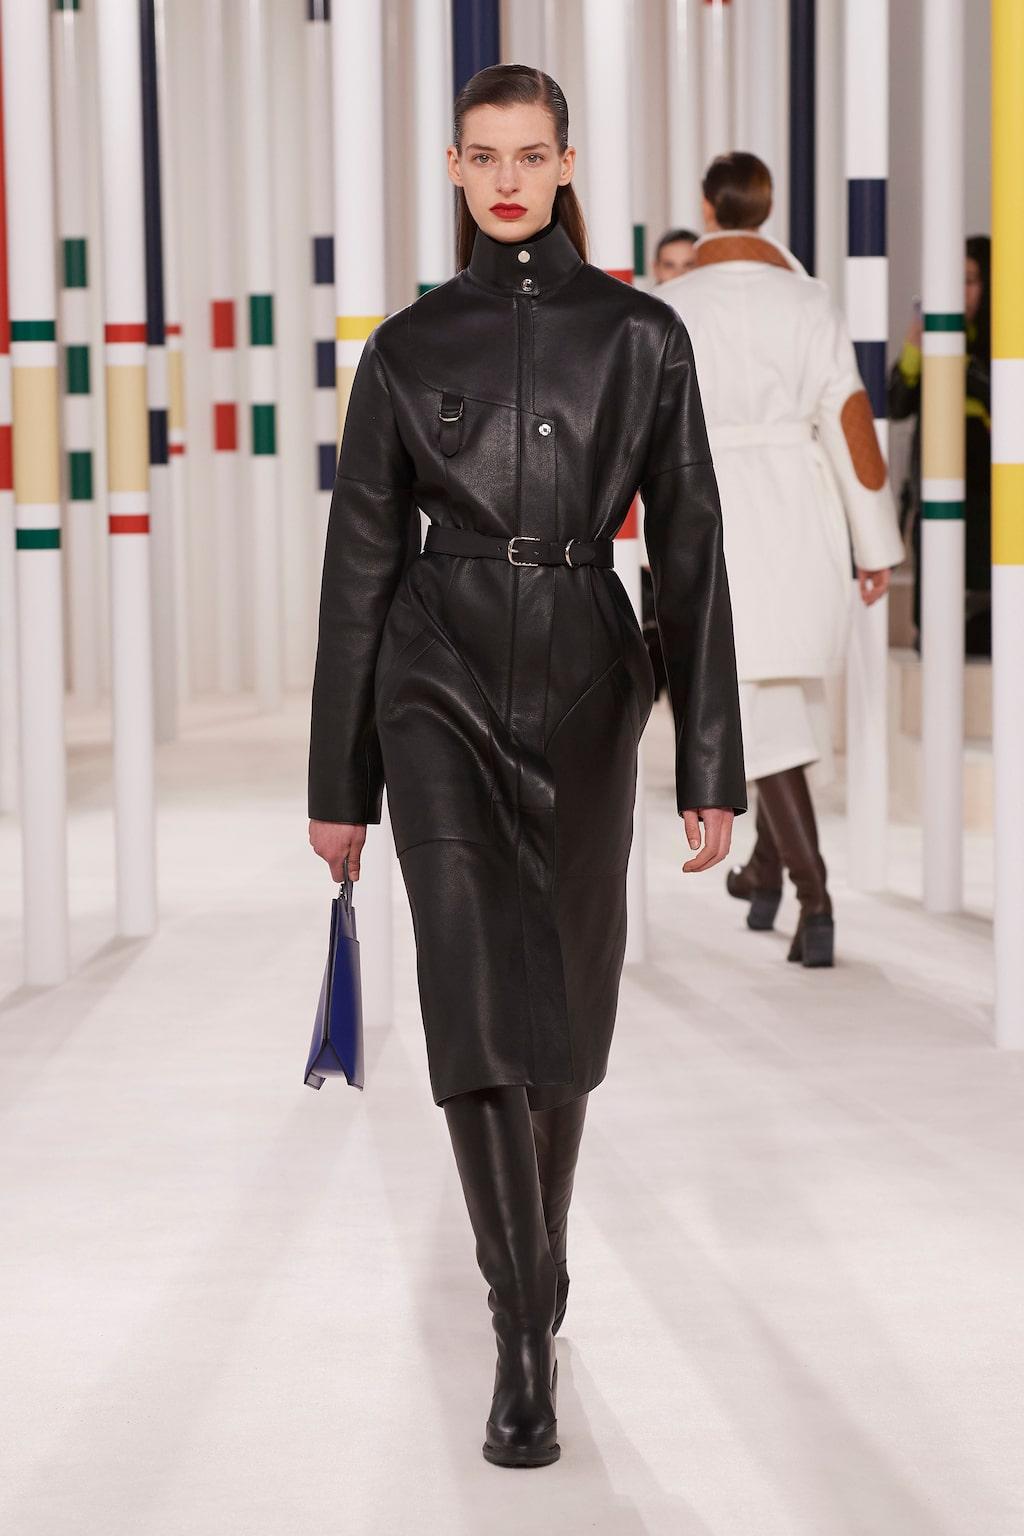 Höstmode 2020: läderkappor hos Hermès AW20.